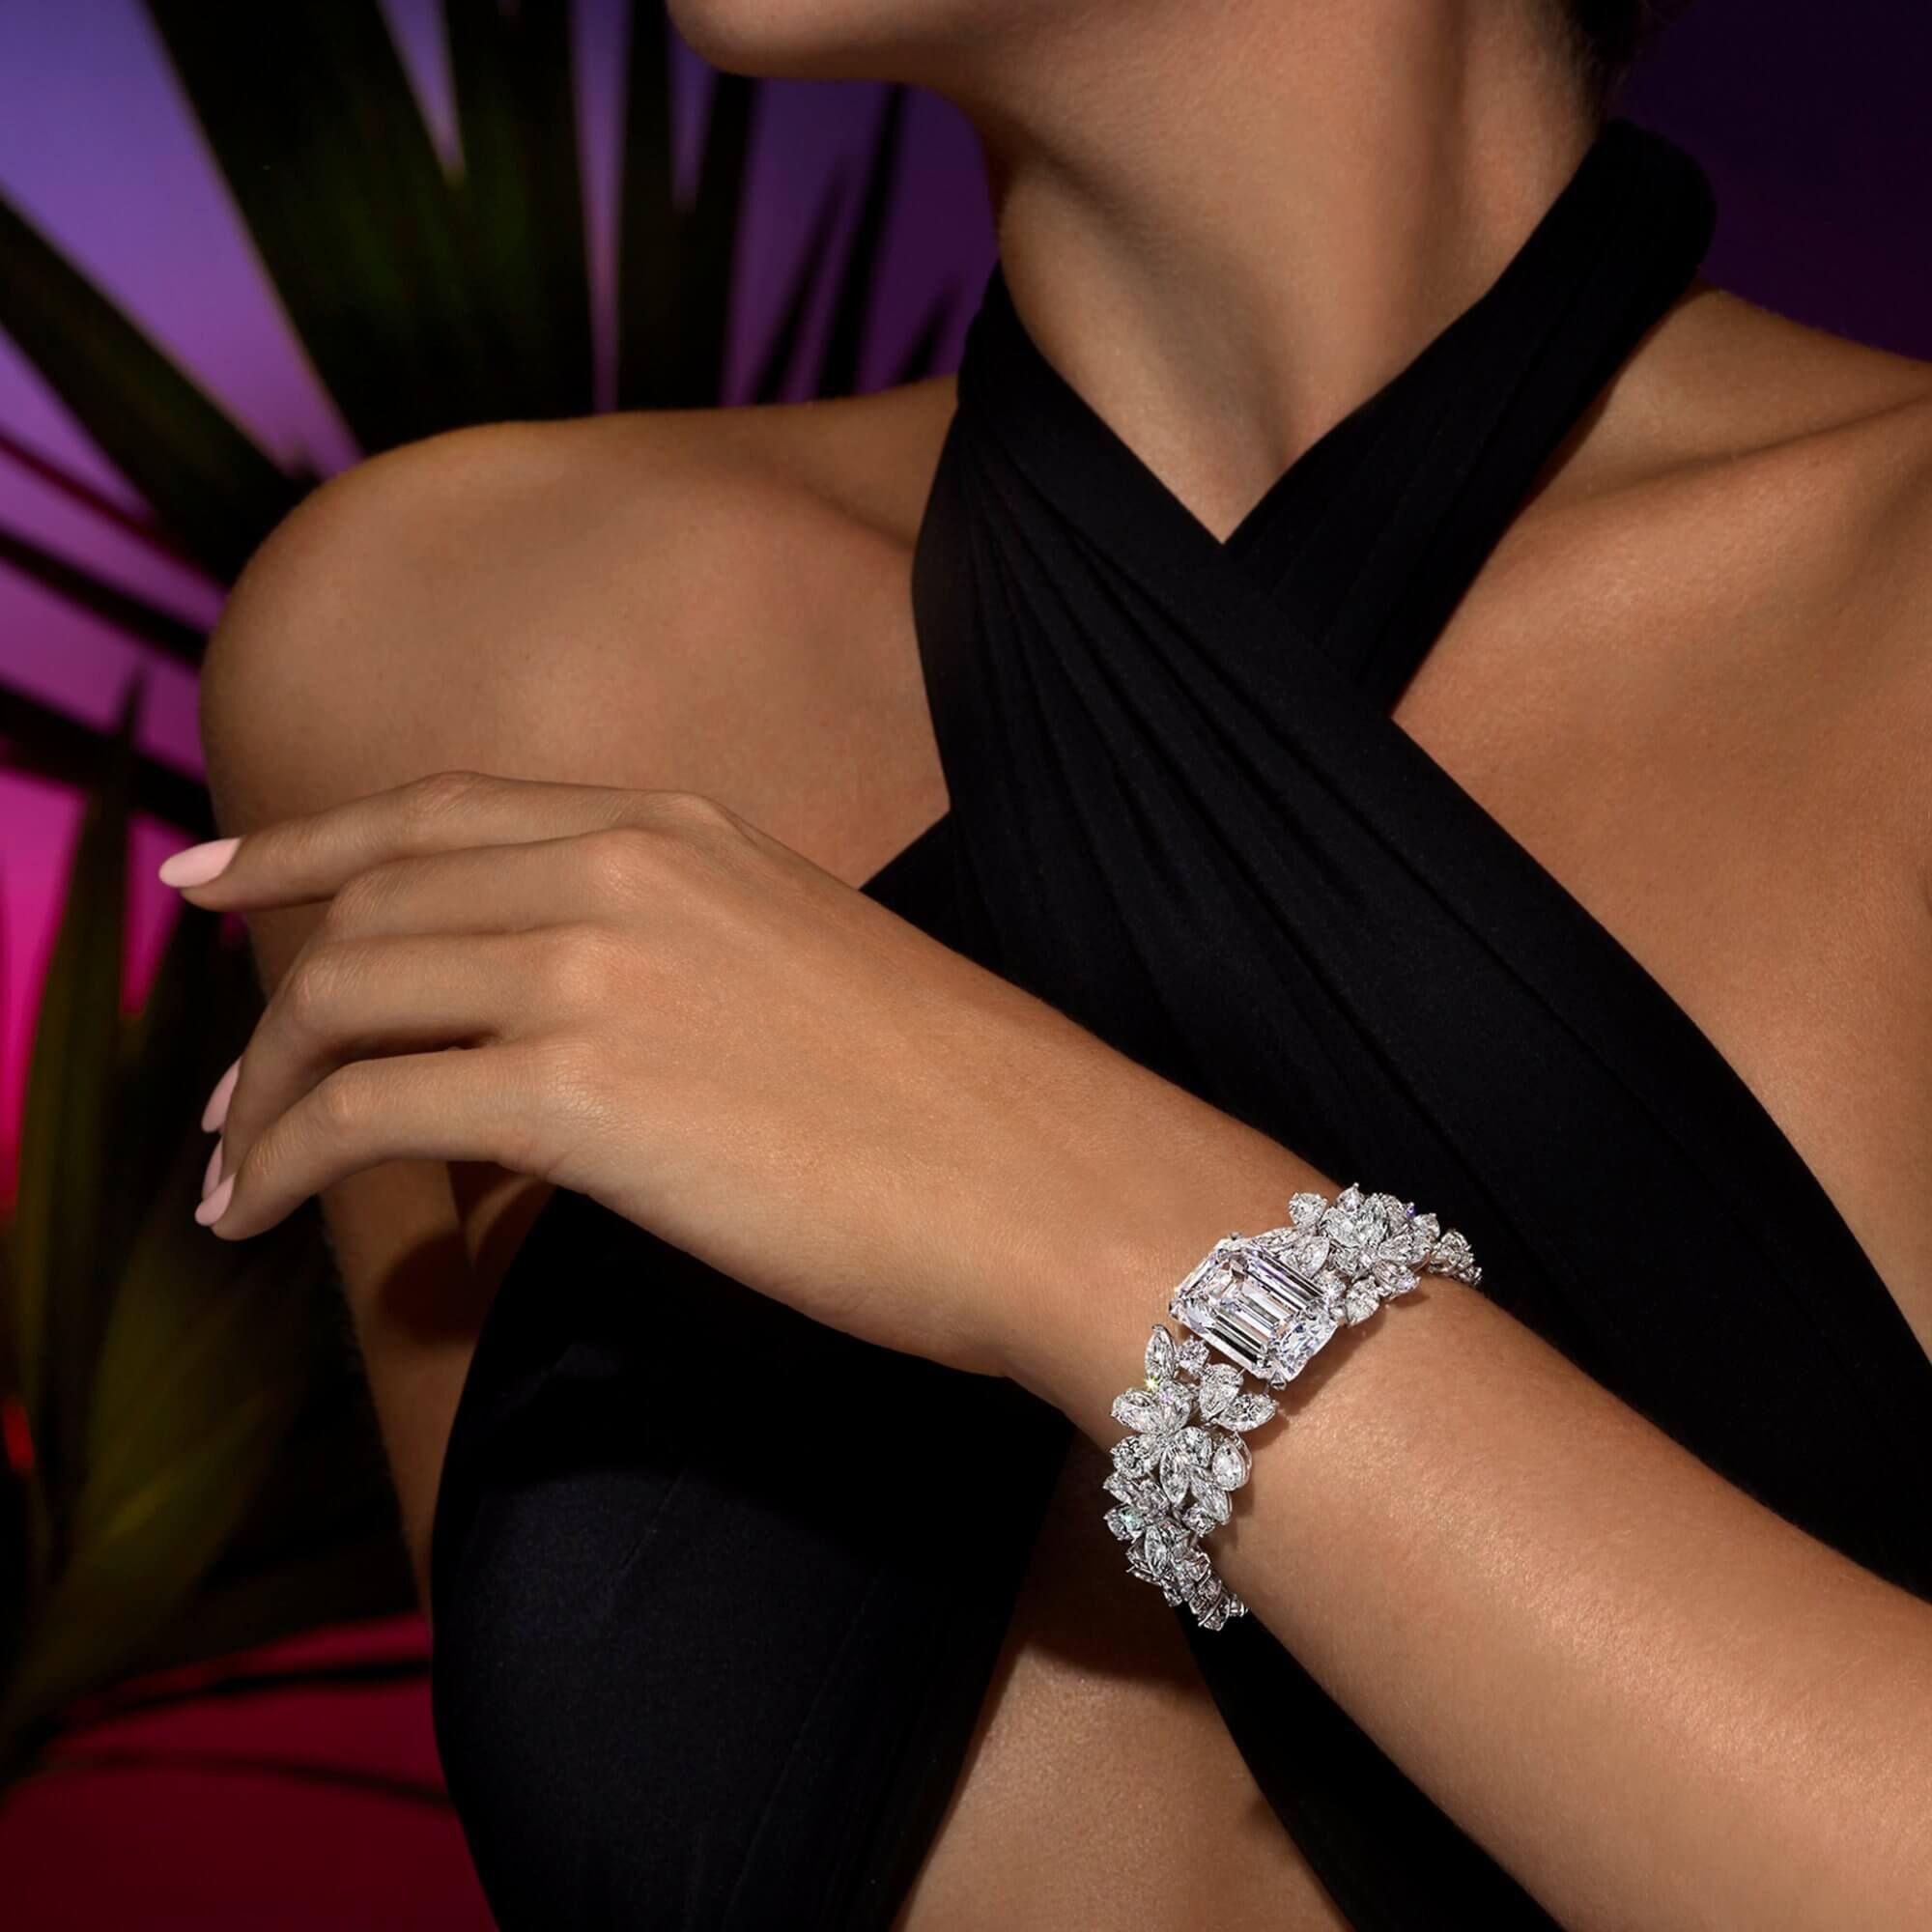 A model wearing a Graff jewellery diamond bracelet